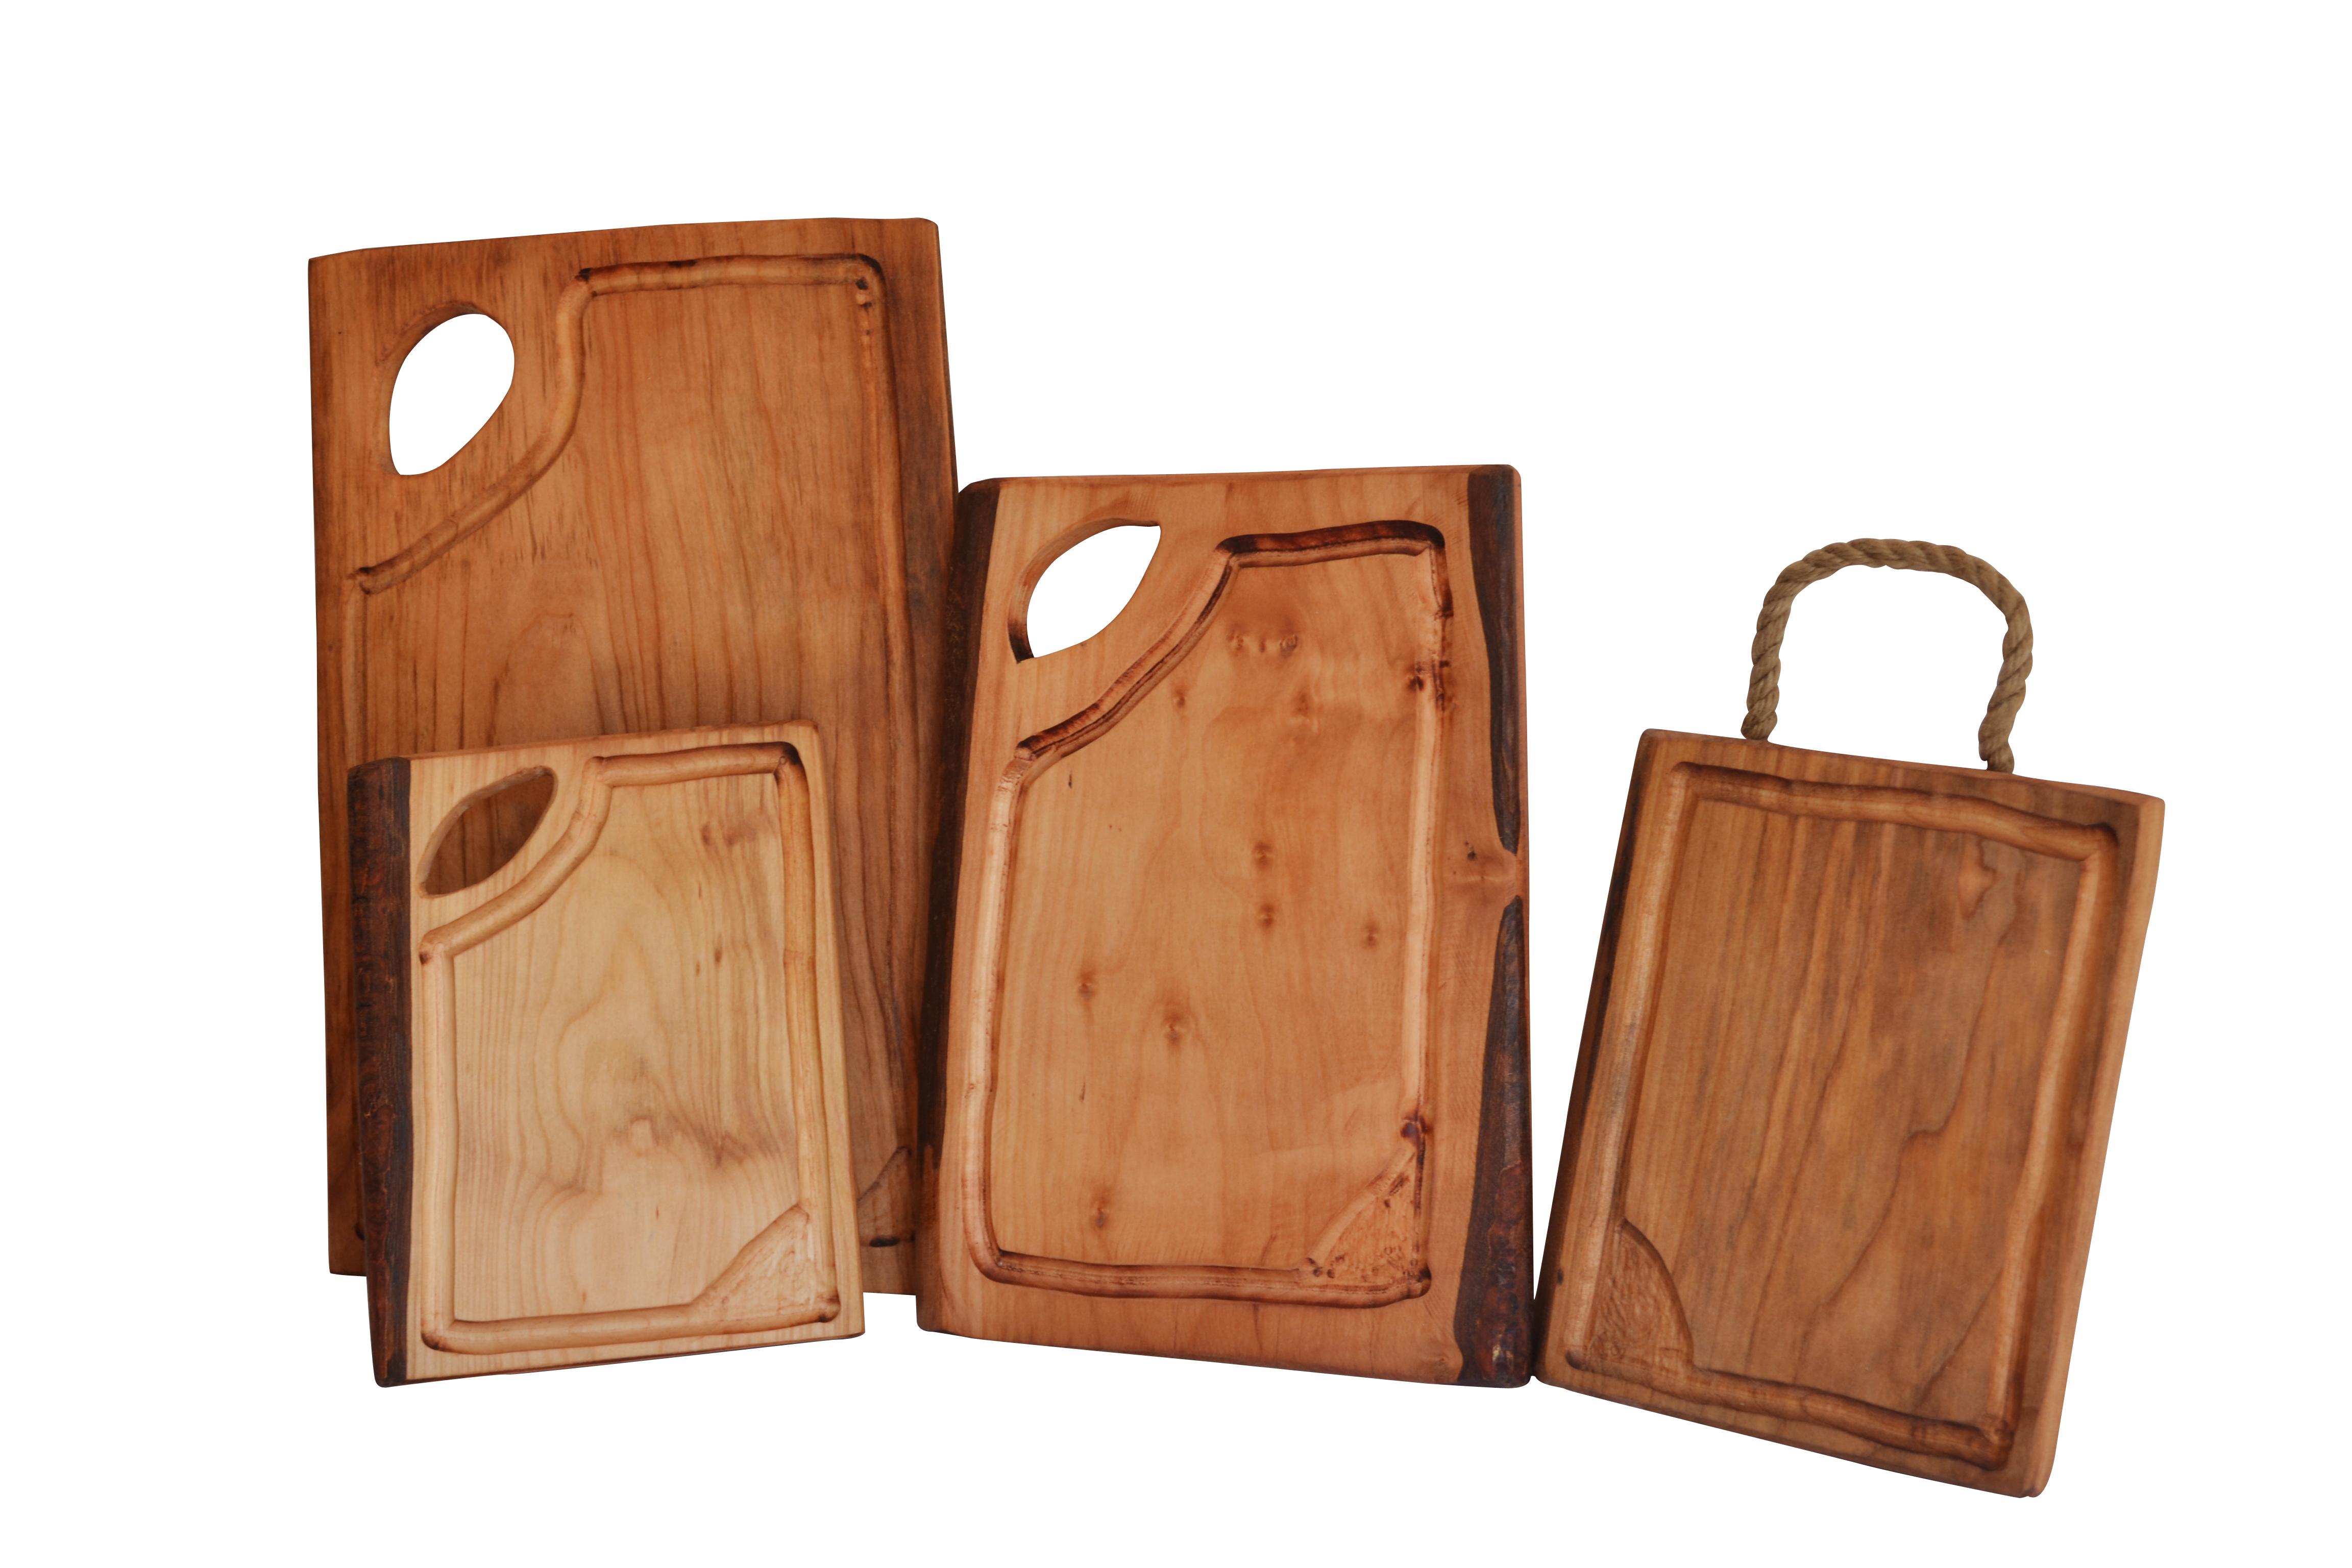 Tabla rusticas de madera kaichile regalos publicitarios for Tablas de madera